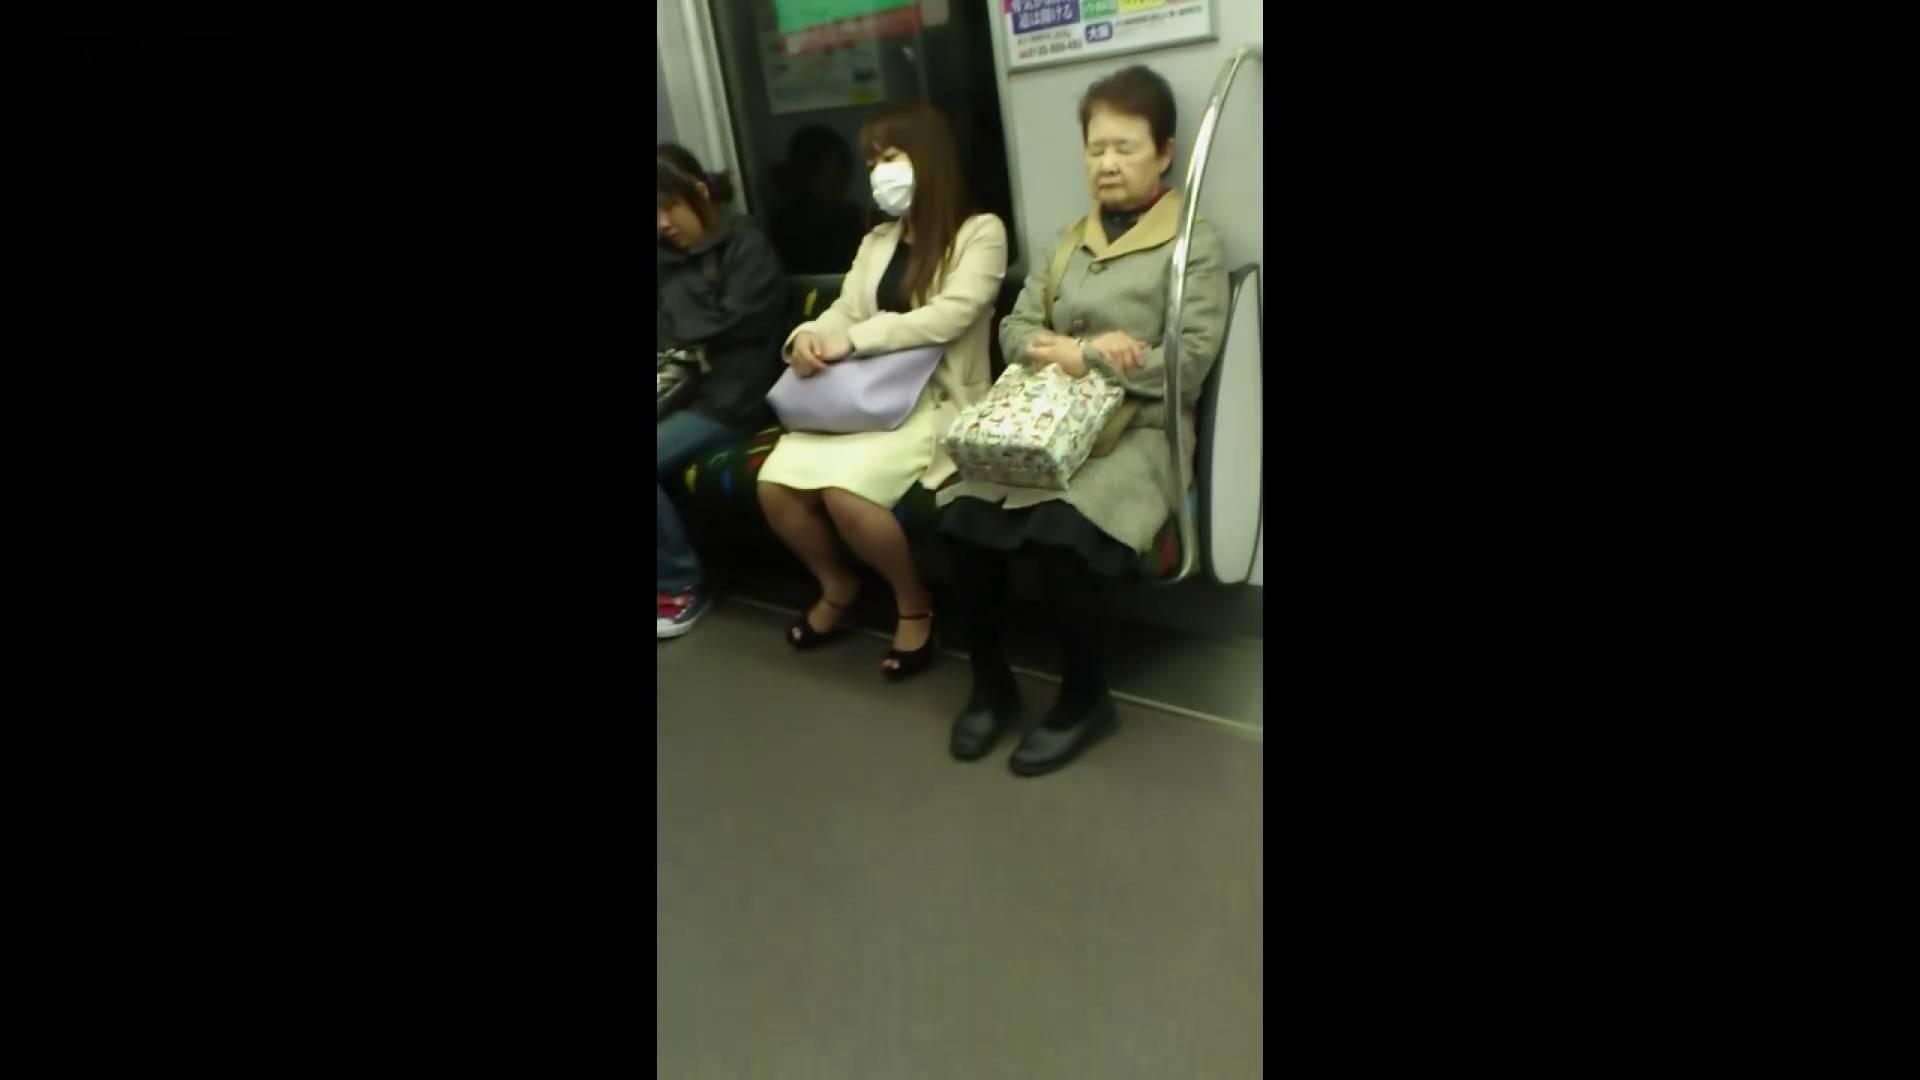 盗撮列車 Vol.55 黄色の爽やかなスカートが大好きです。 パンチラ女子 濡れ場動画紹介 89枚 65